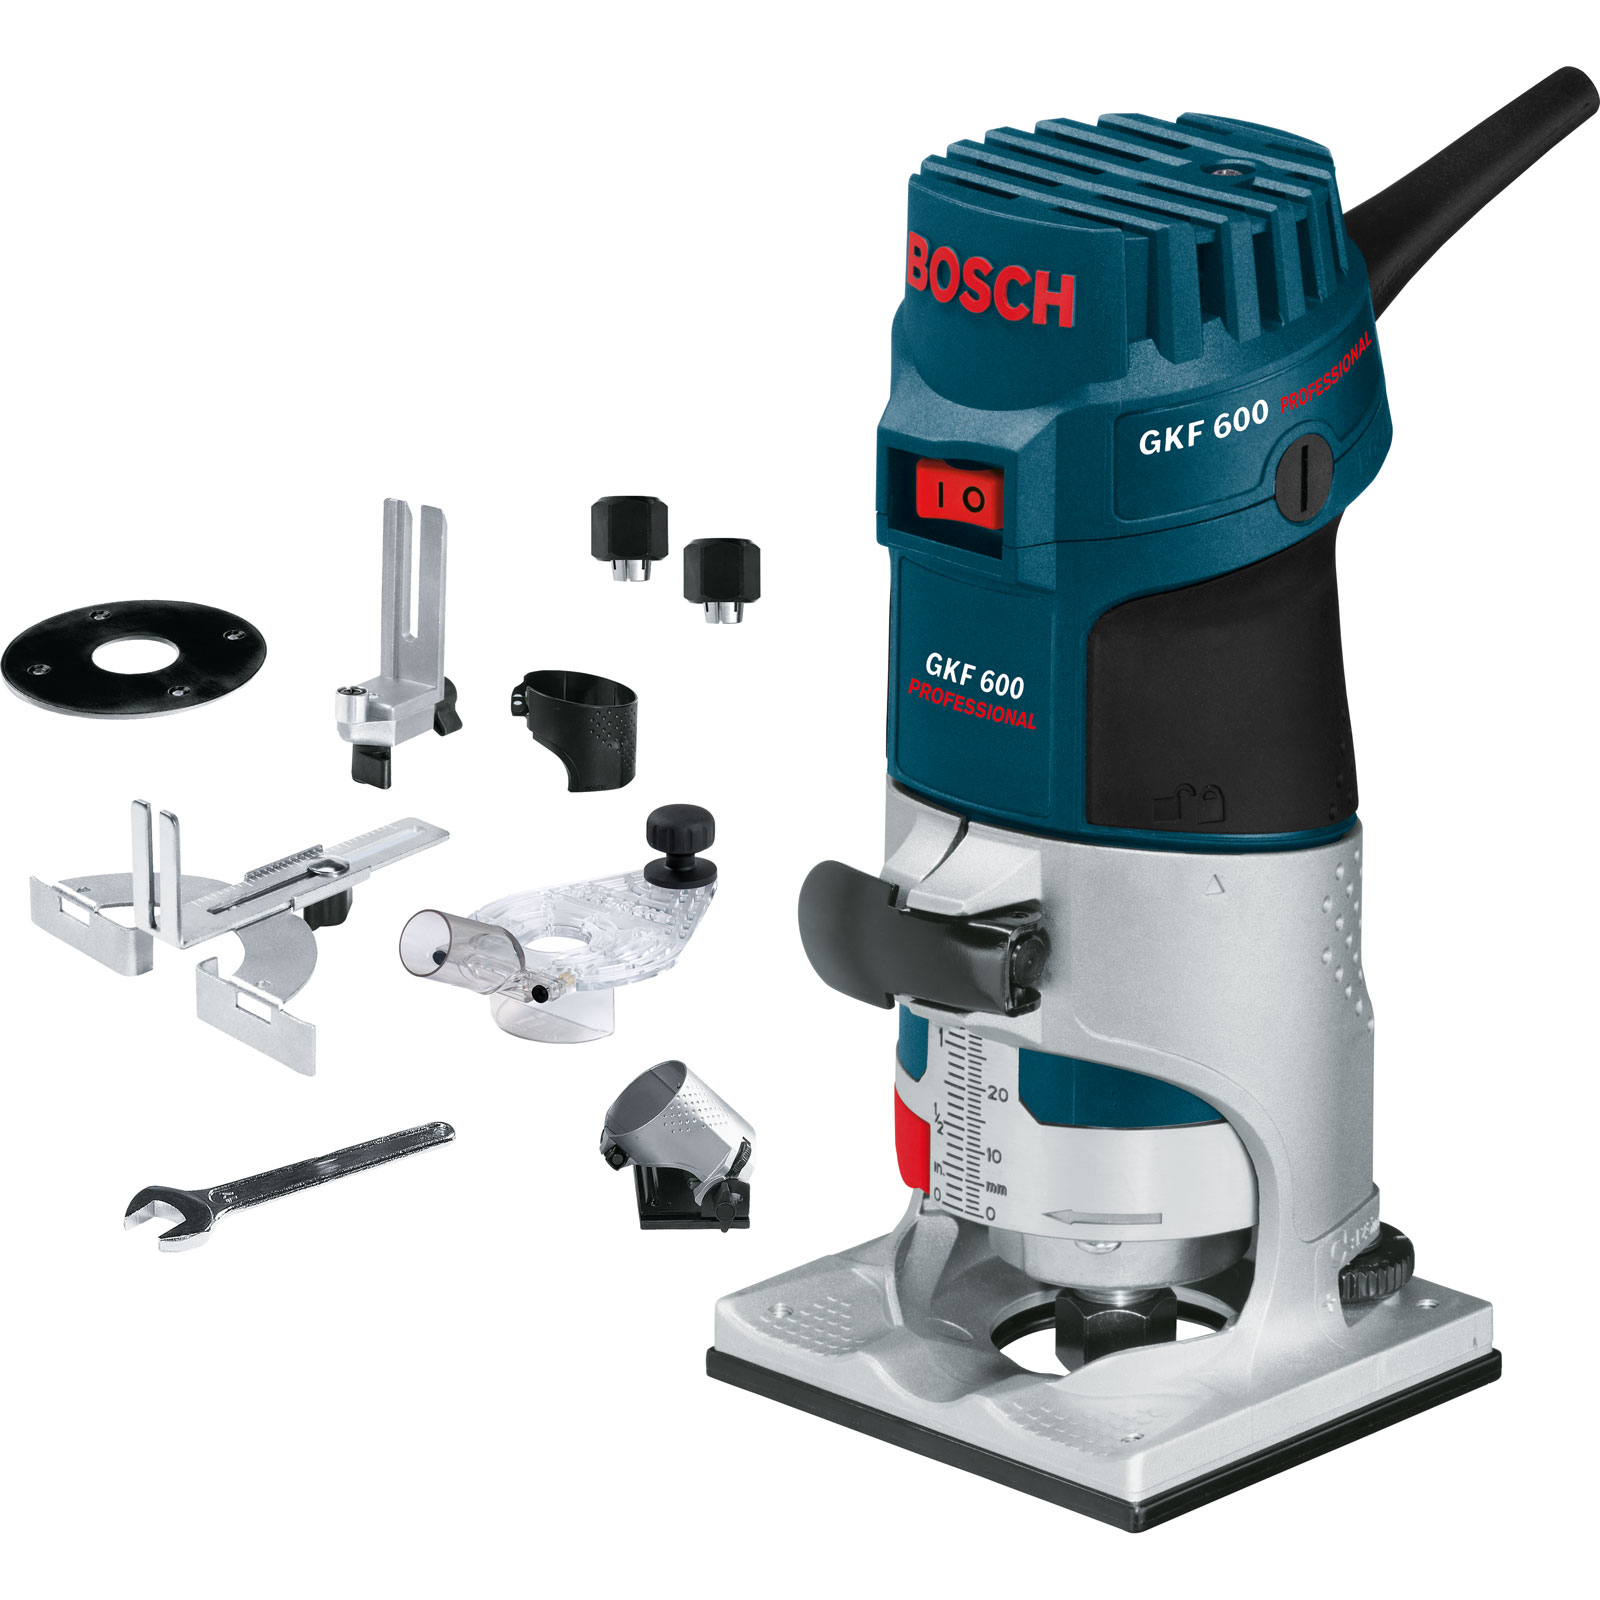 Компания Bosh использует для маркировки профессионального инструмента синий цвет, бытового - зеленый.